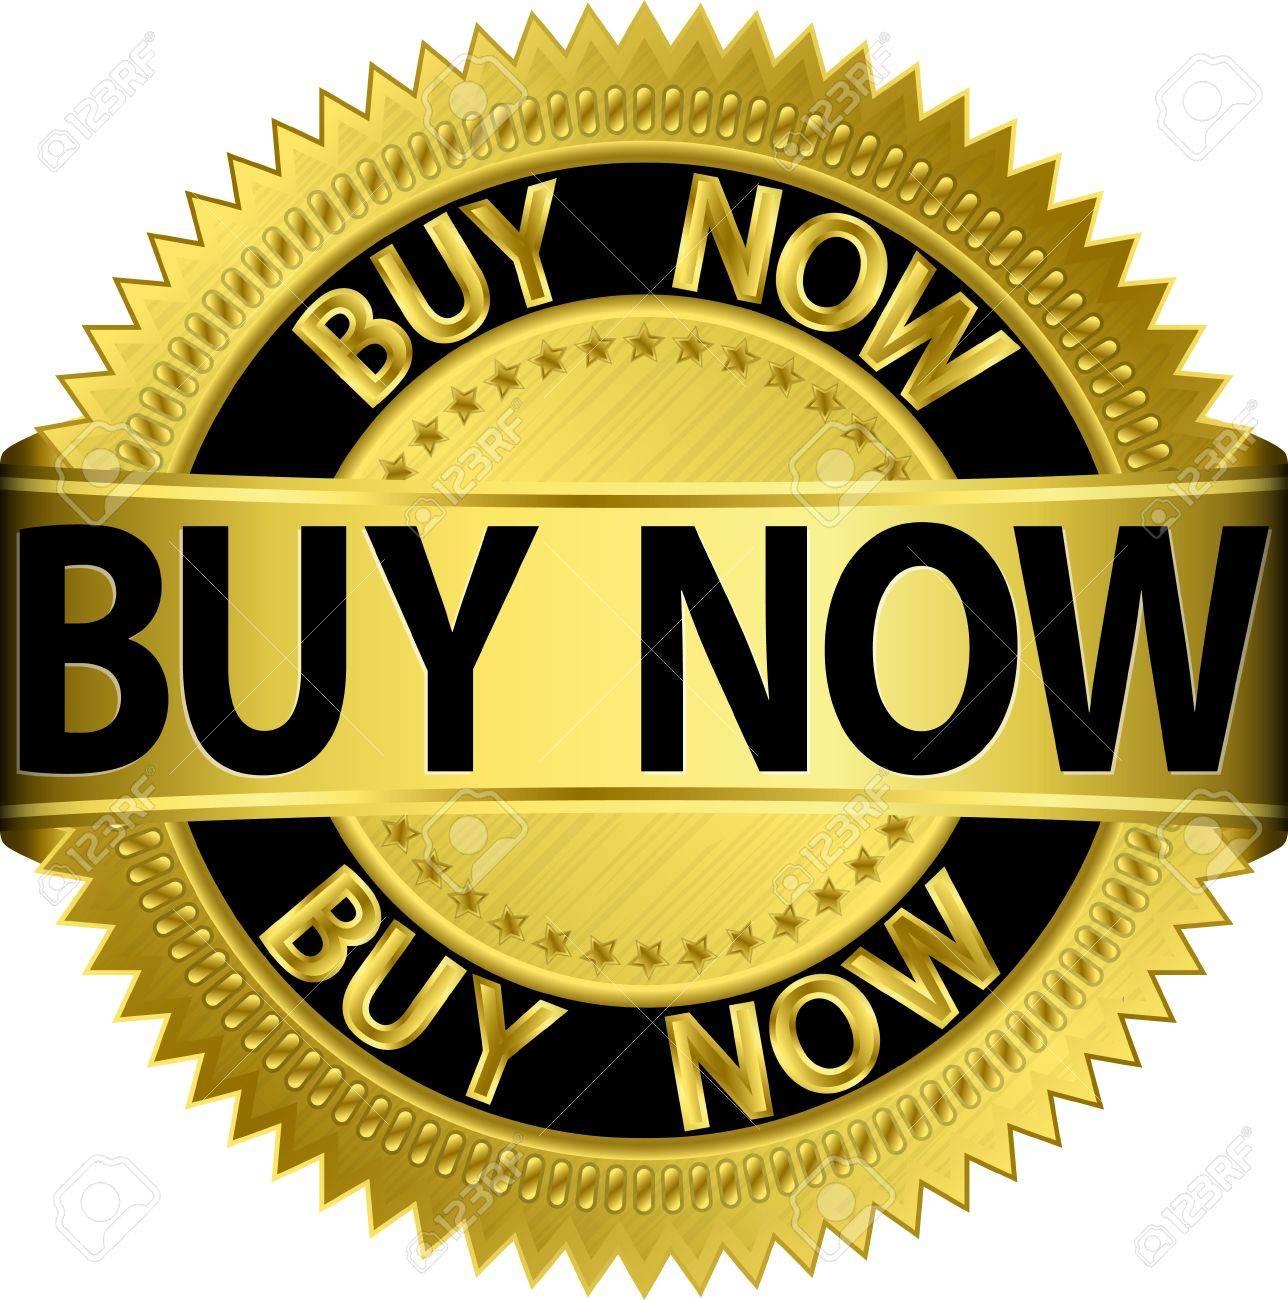 Buy now golden label, vector illustration Stock Vector - 16540893